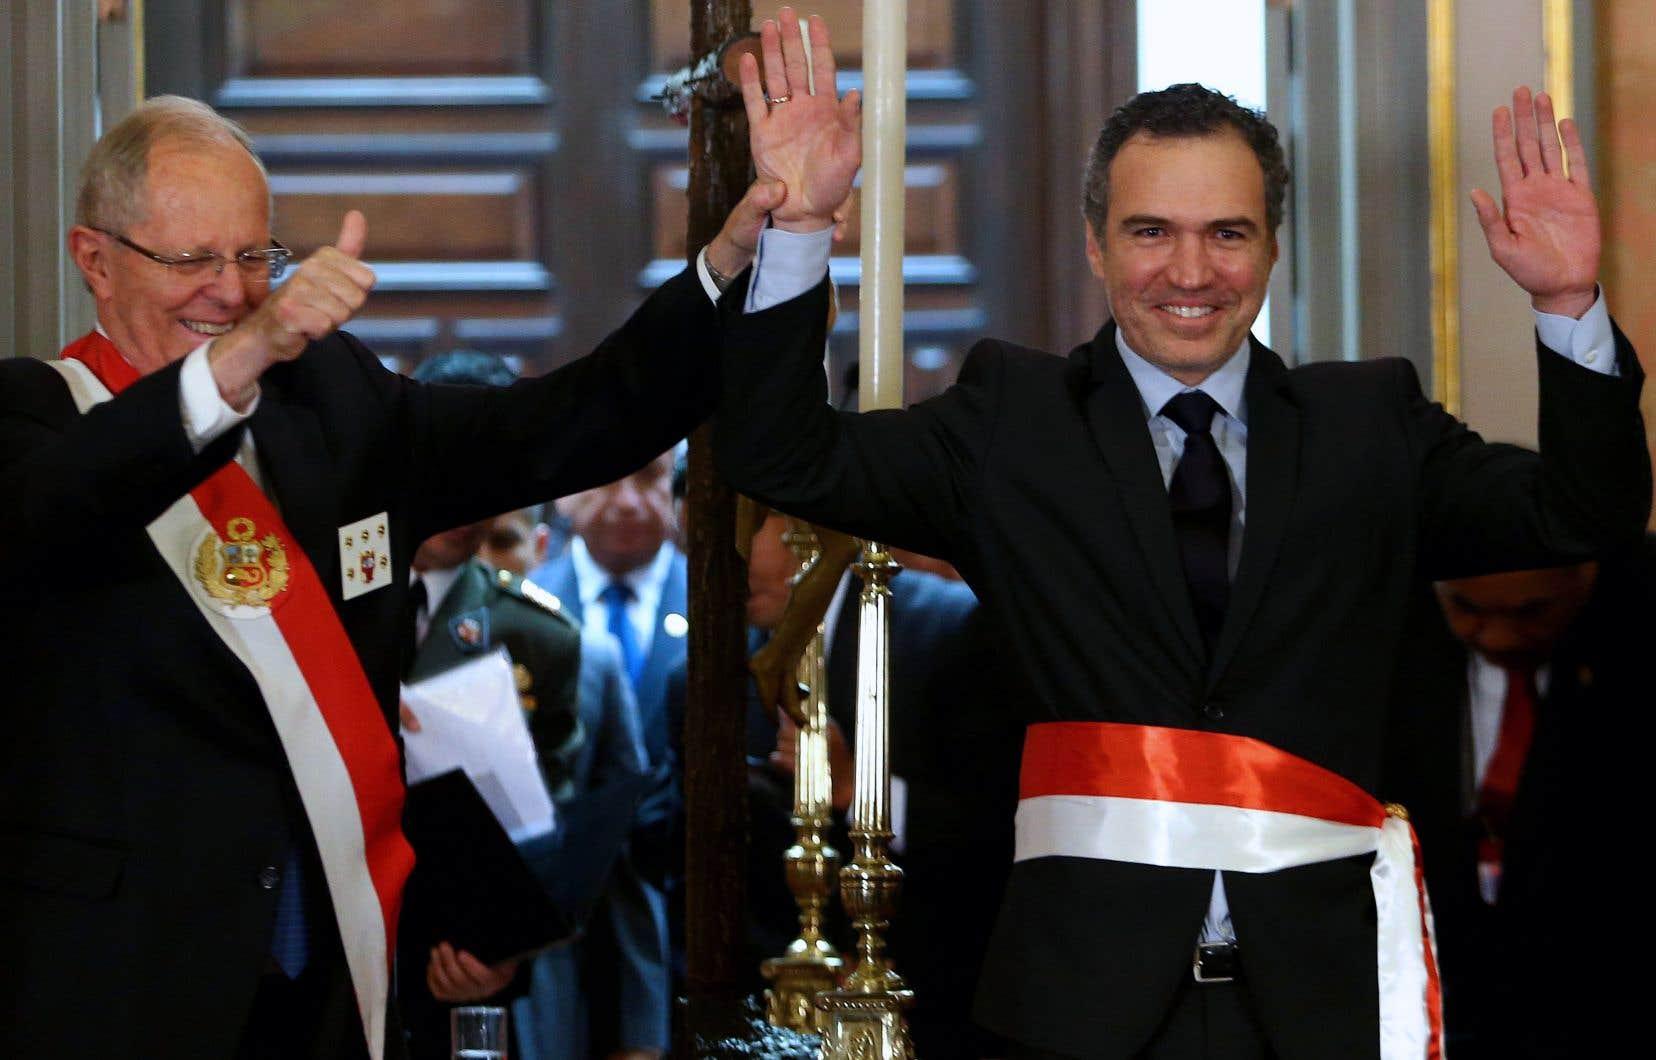 Le président péruvien, Pedro Pablo Kuczynski (à gauche), lève la main de son ministre de la Culture, Salvador del Solar, lors de sa cérémonie d'investiture au palais présidentiel de Lima le 5 décembre 2016.